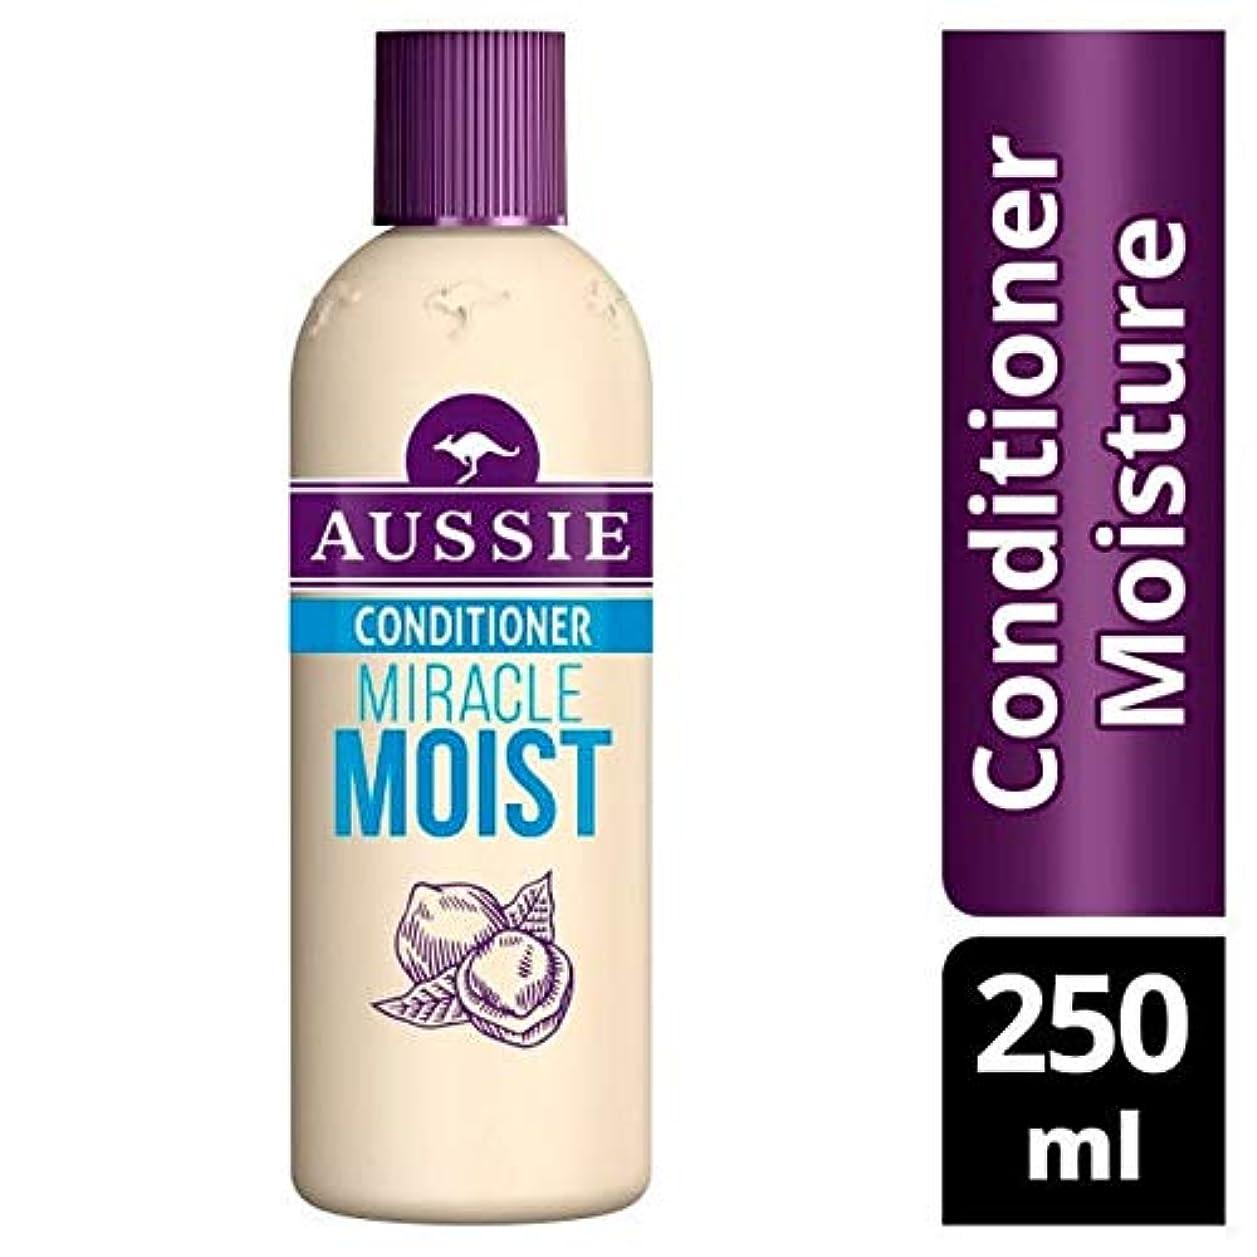 社会主義者拮抗する膨張する[Aussie ] オージー奇跡しっとりコンディショナー250Ml - Aussie Miracle Moist Conditioner 250ml [並行輸入品]